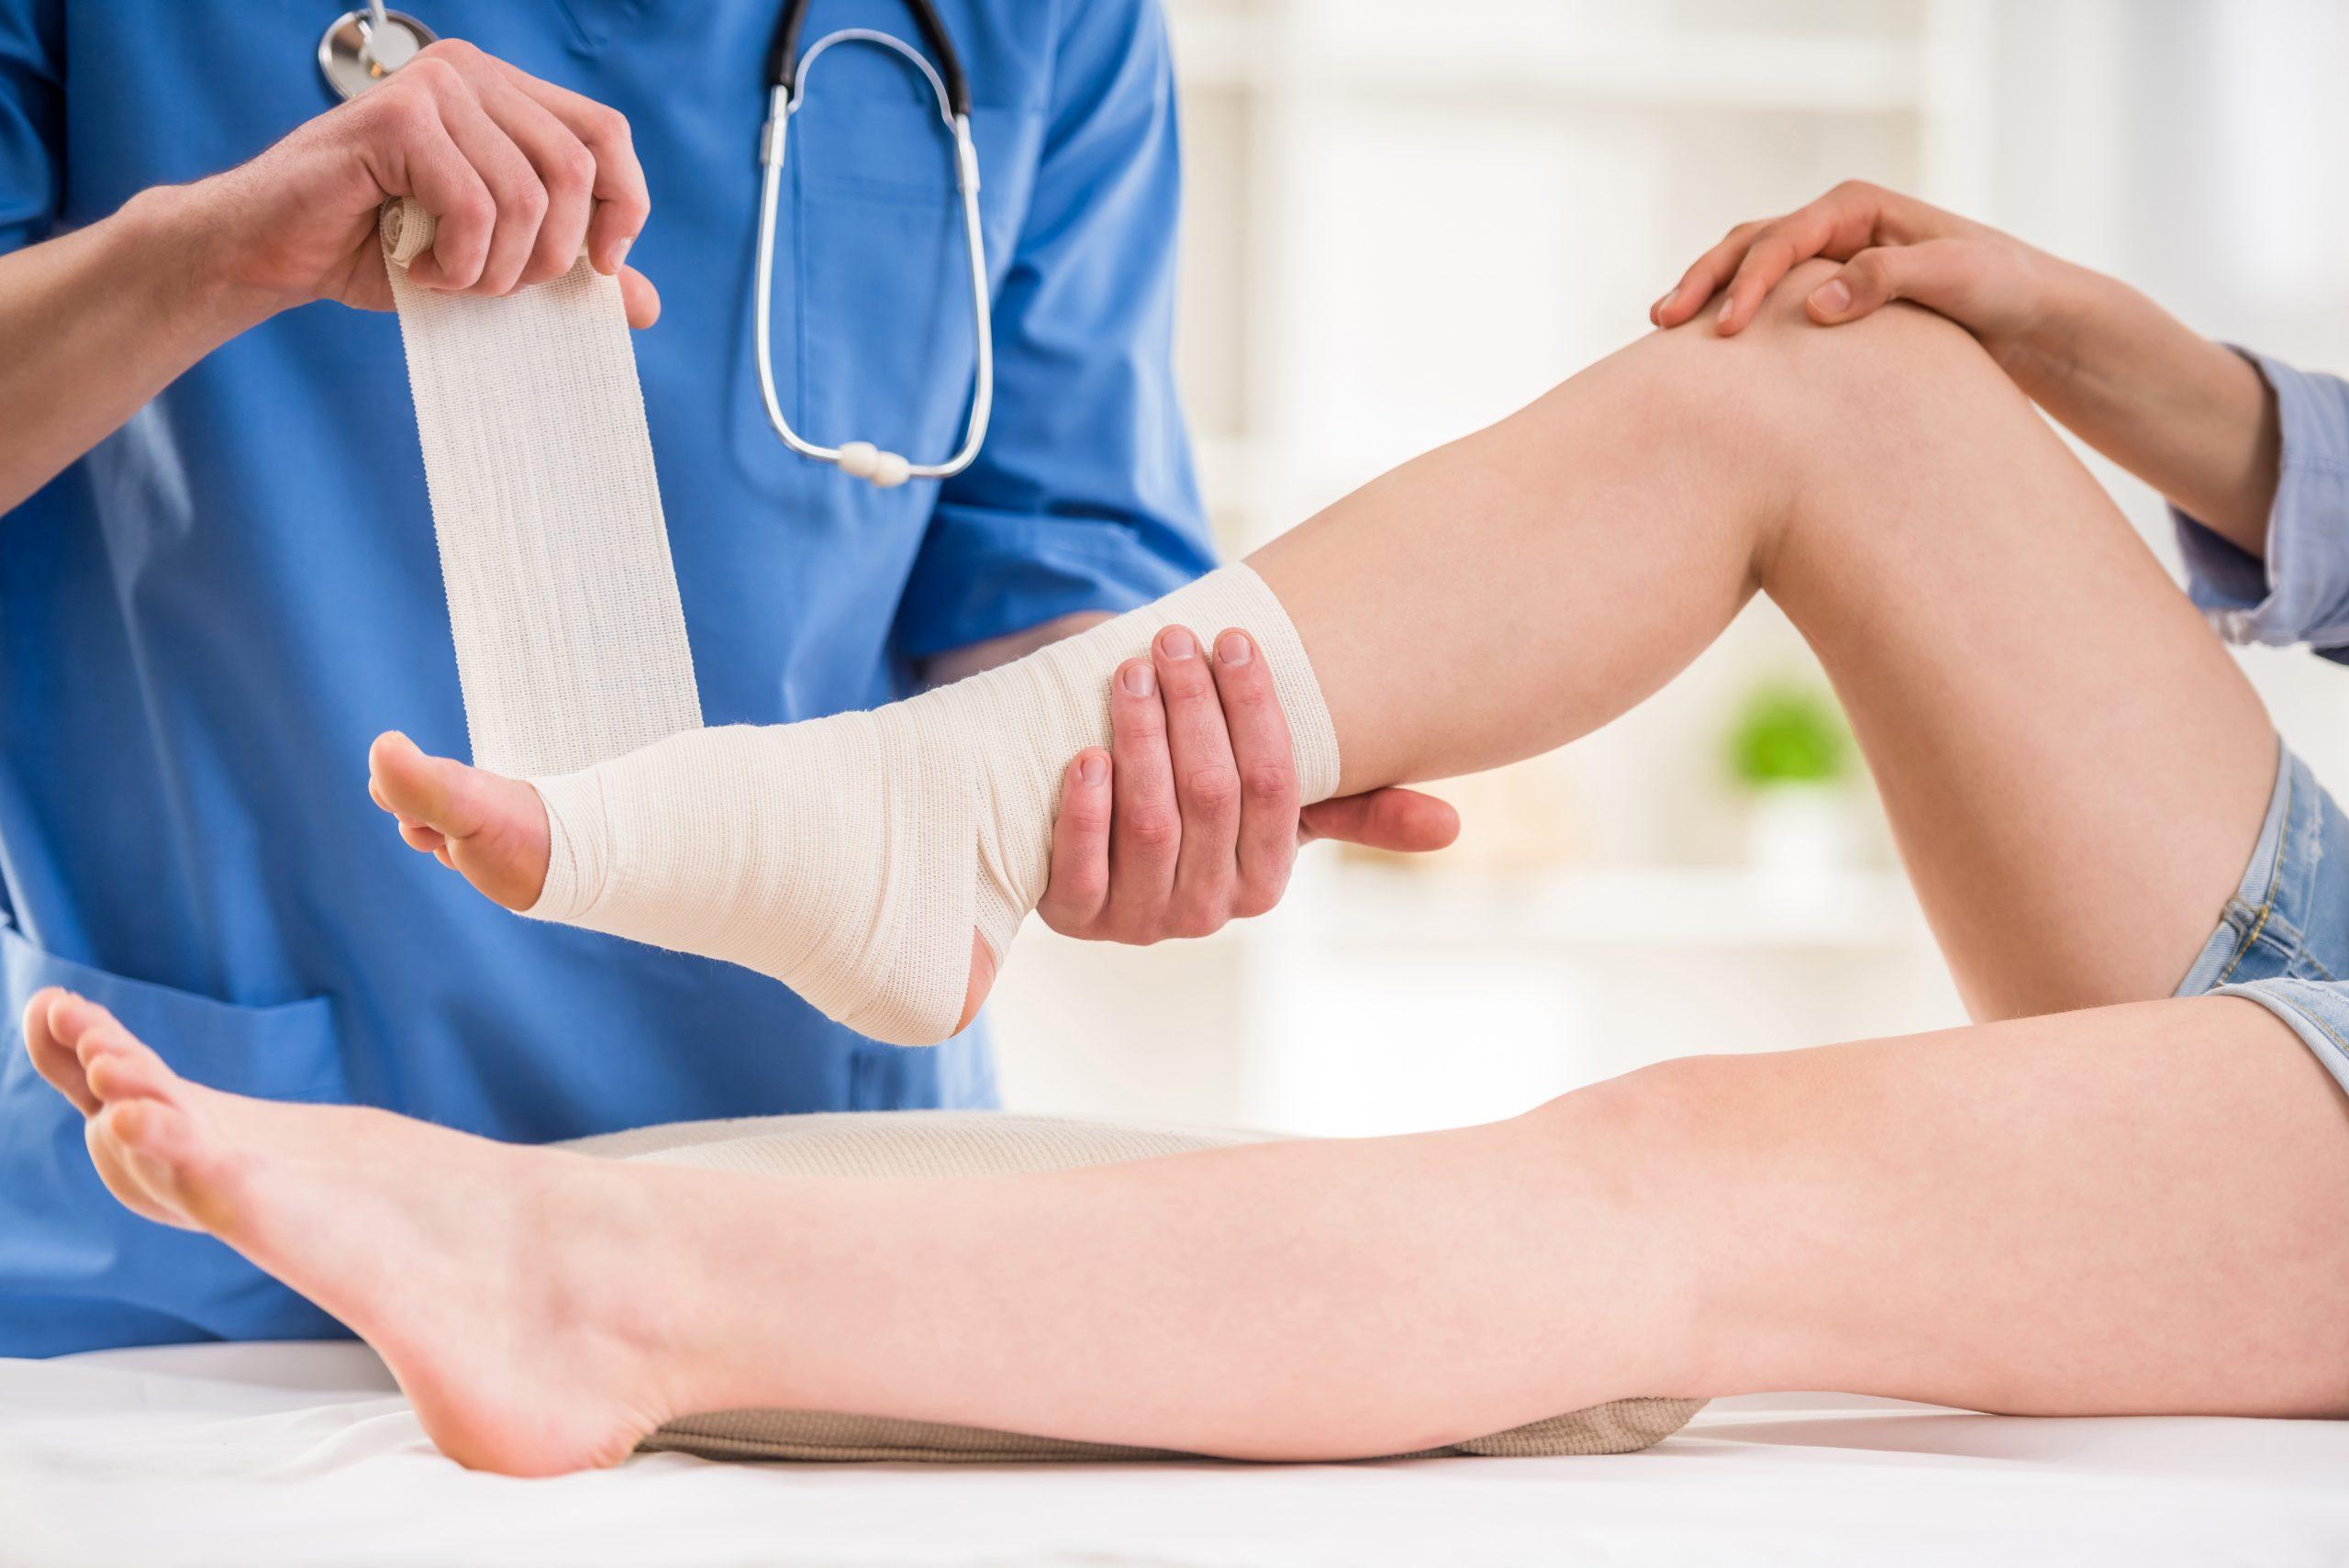 Ha a láb és a boka duzzadt - Masszázs